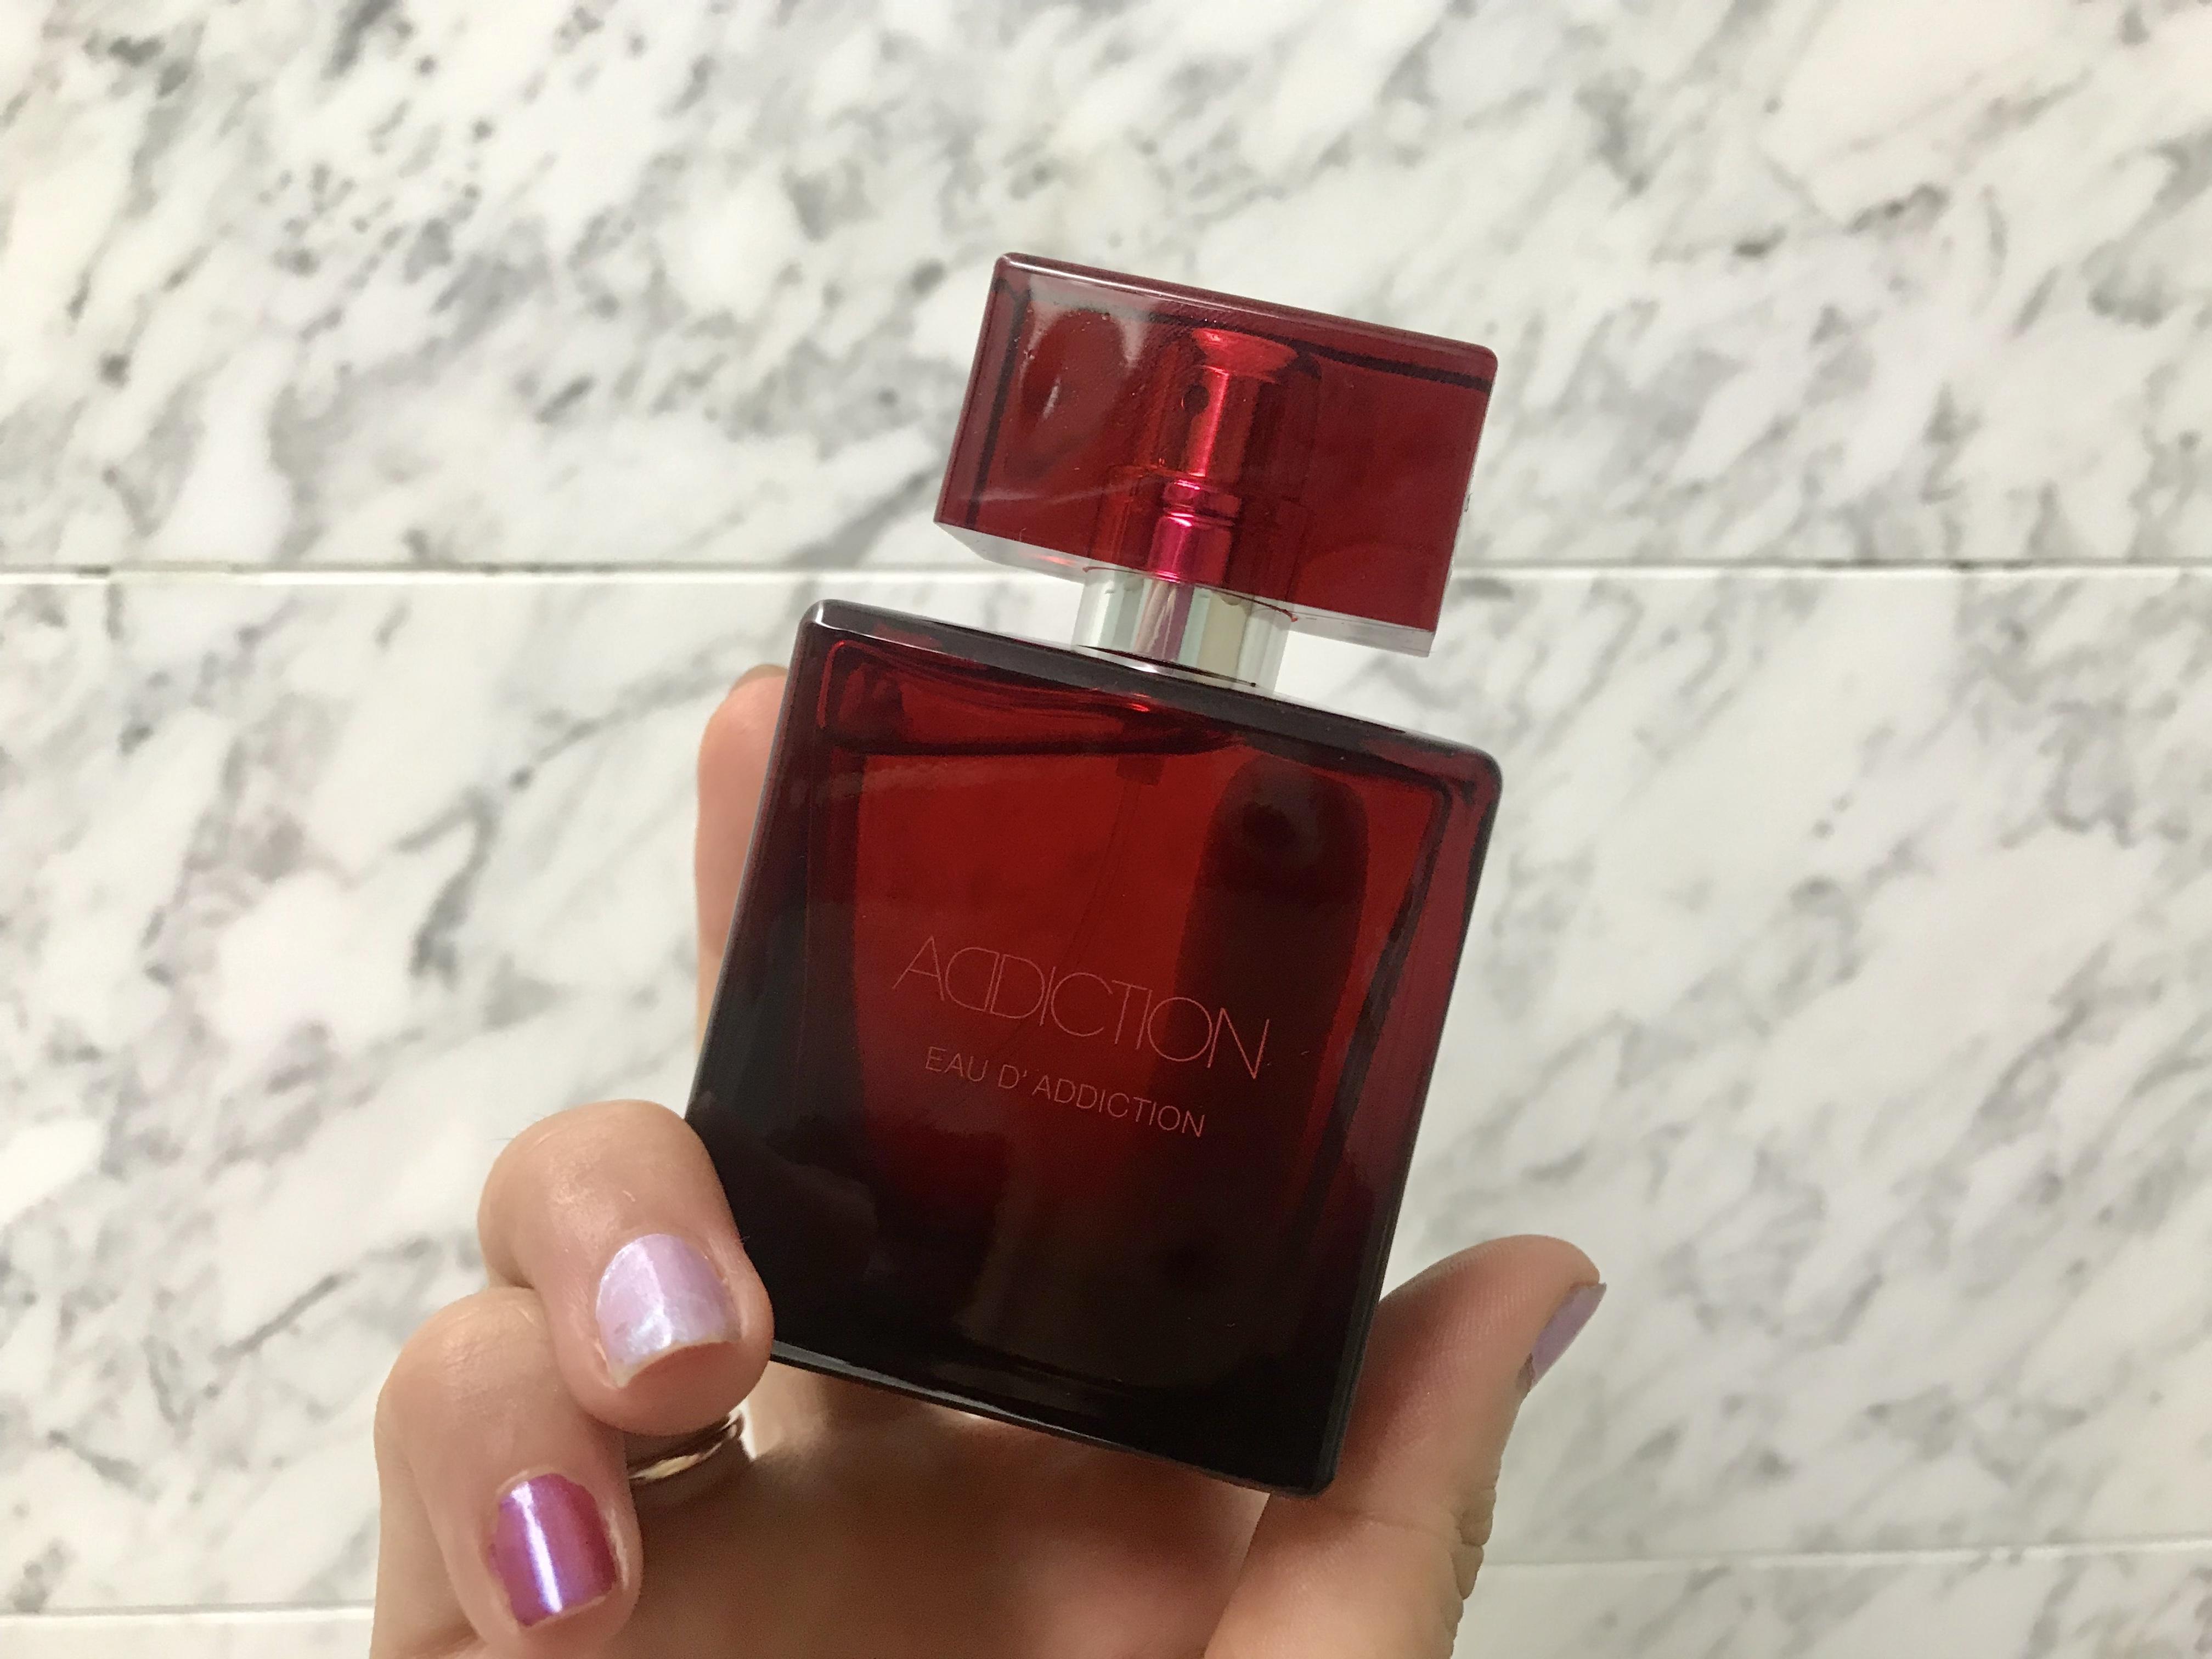 『アディクション』初のフレグランス「オードアディクション」は、カレとシェアして使える香り♡ _2